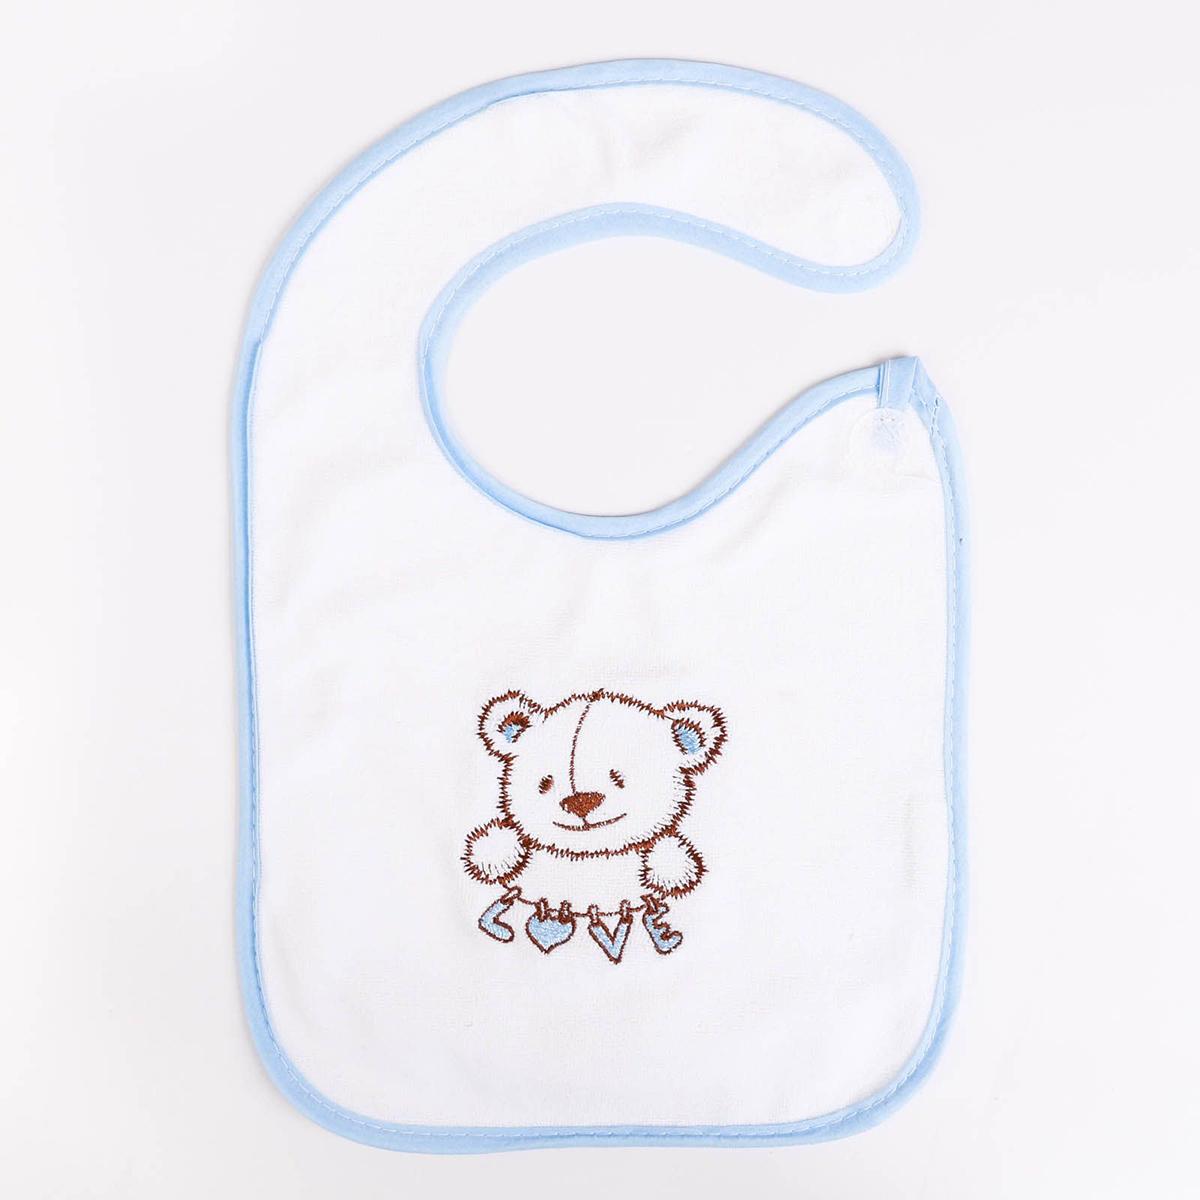 Крошка Я Нагрудник Мишки цвет голубой -  Все для детского кормления